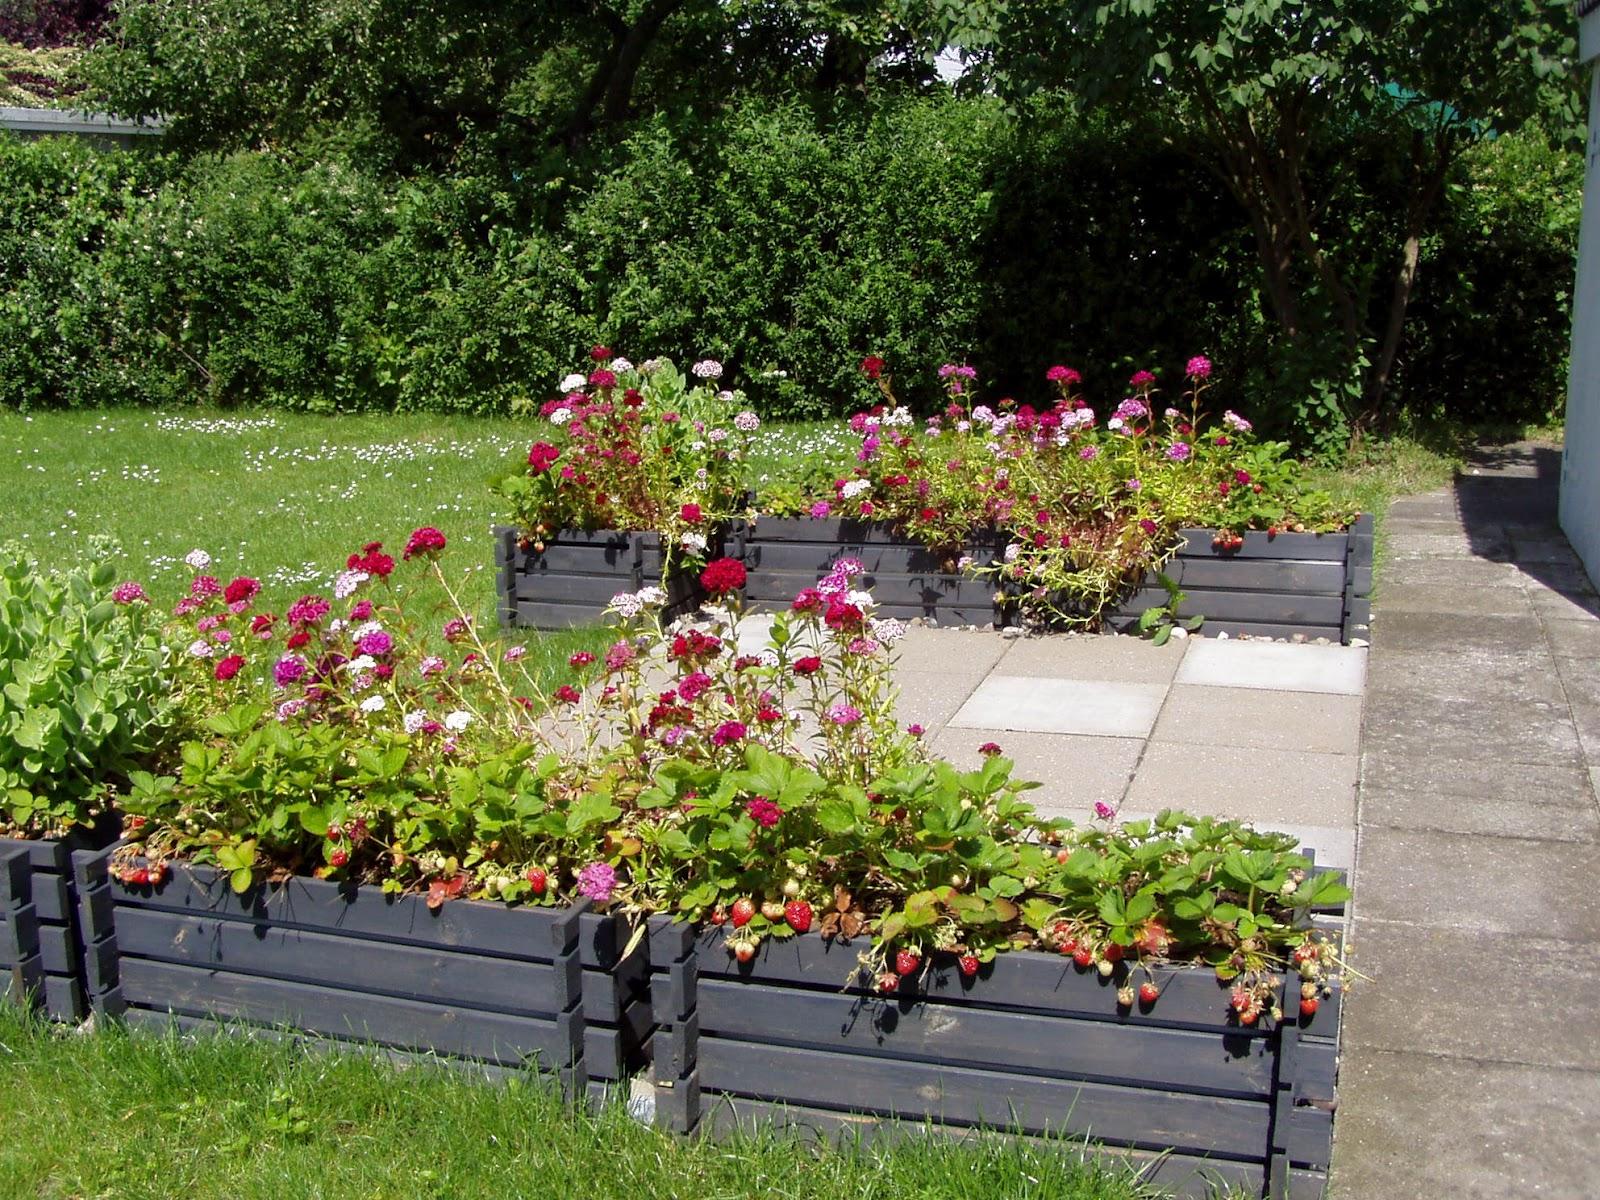 #829B30 Anbefalede Villa Bianca: Solterassen Som Blomstrende Lysthus Gør Det Selv Køkken Amager Landevej 5587 160012005587